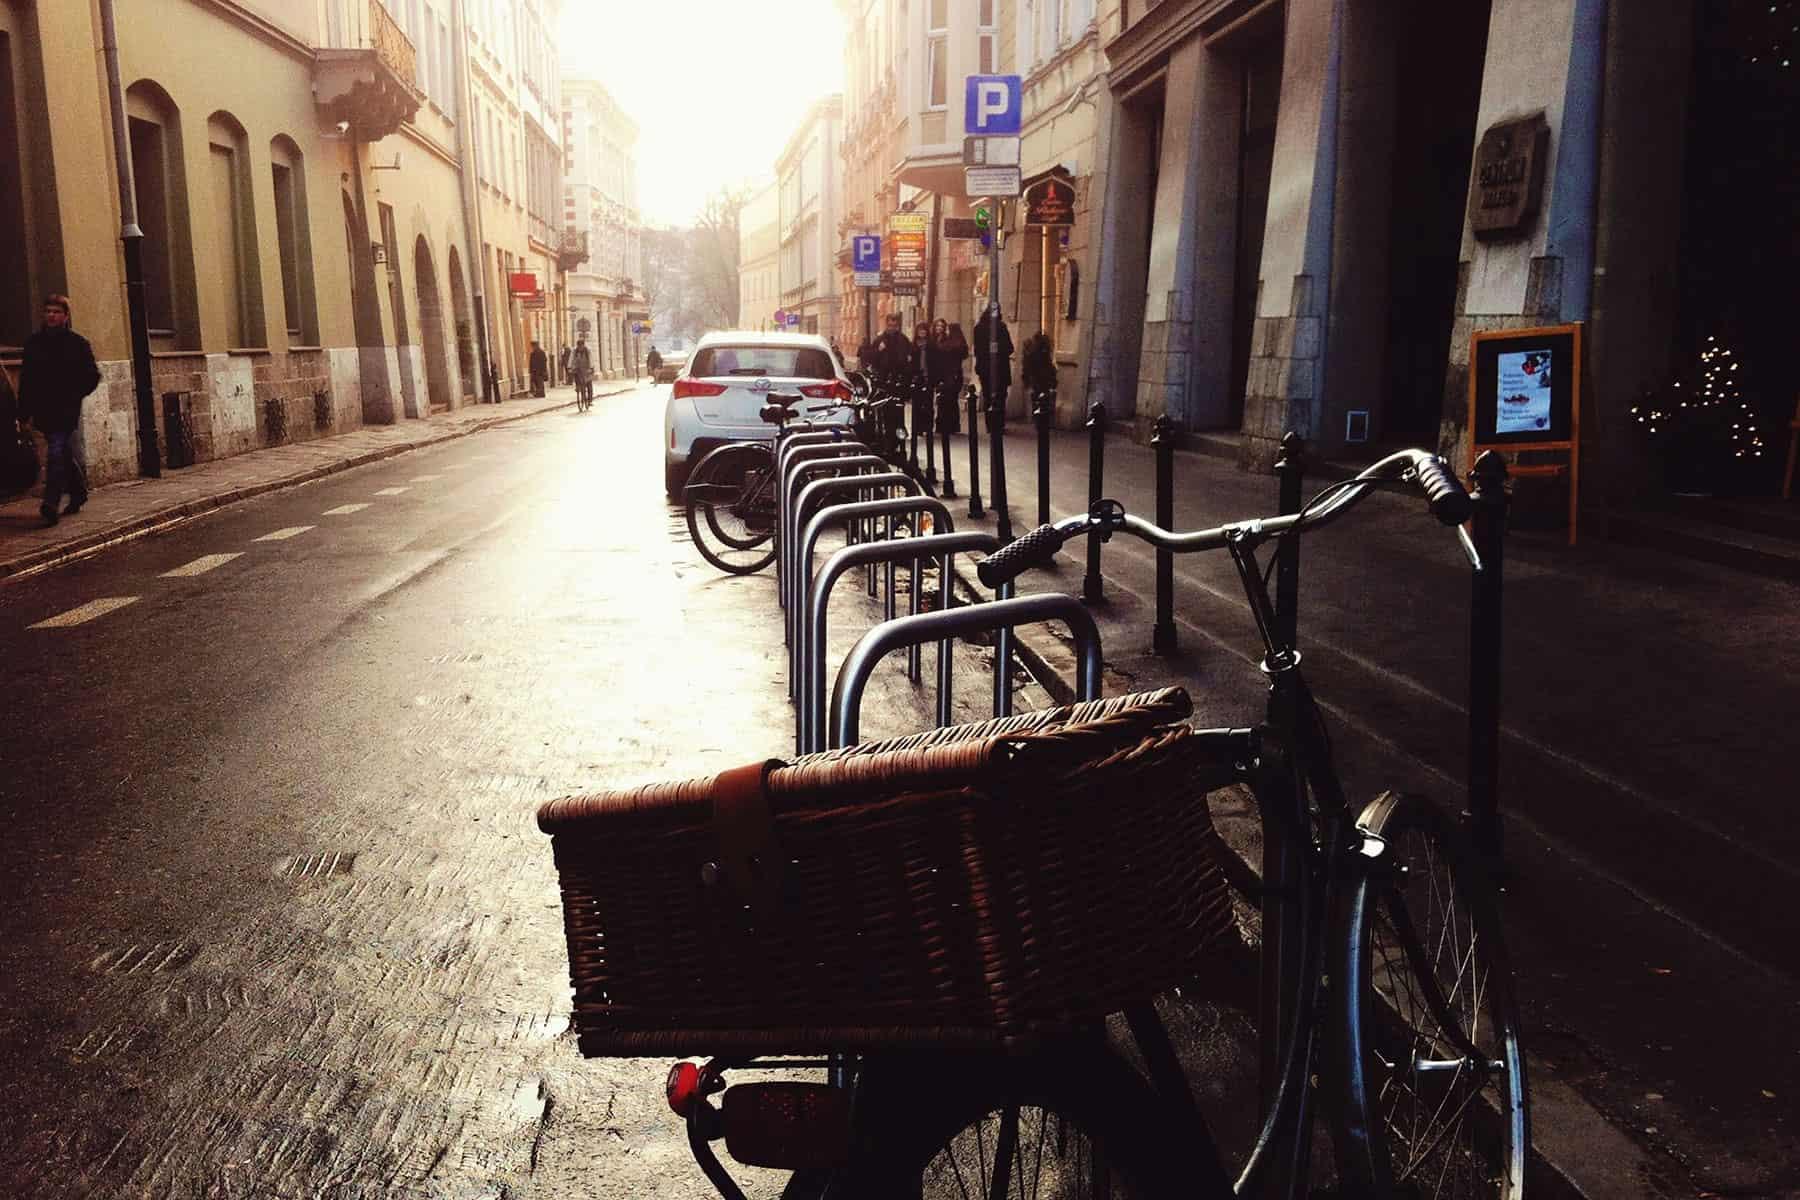 weekendresa_krakow_stadsbild2_nygren_lind_resebyrå